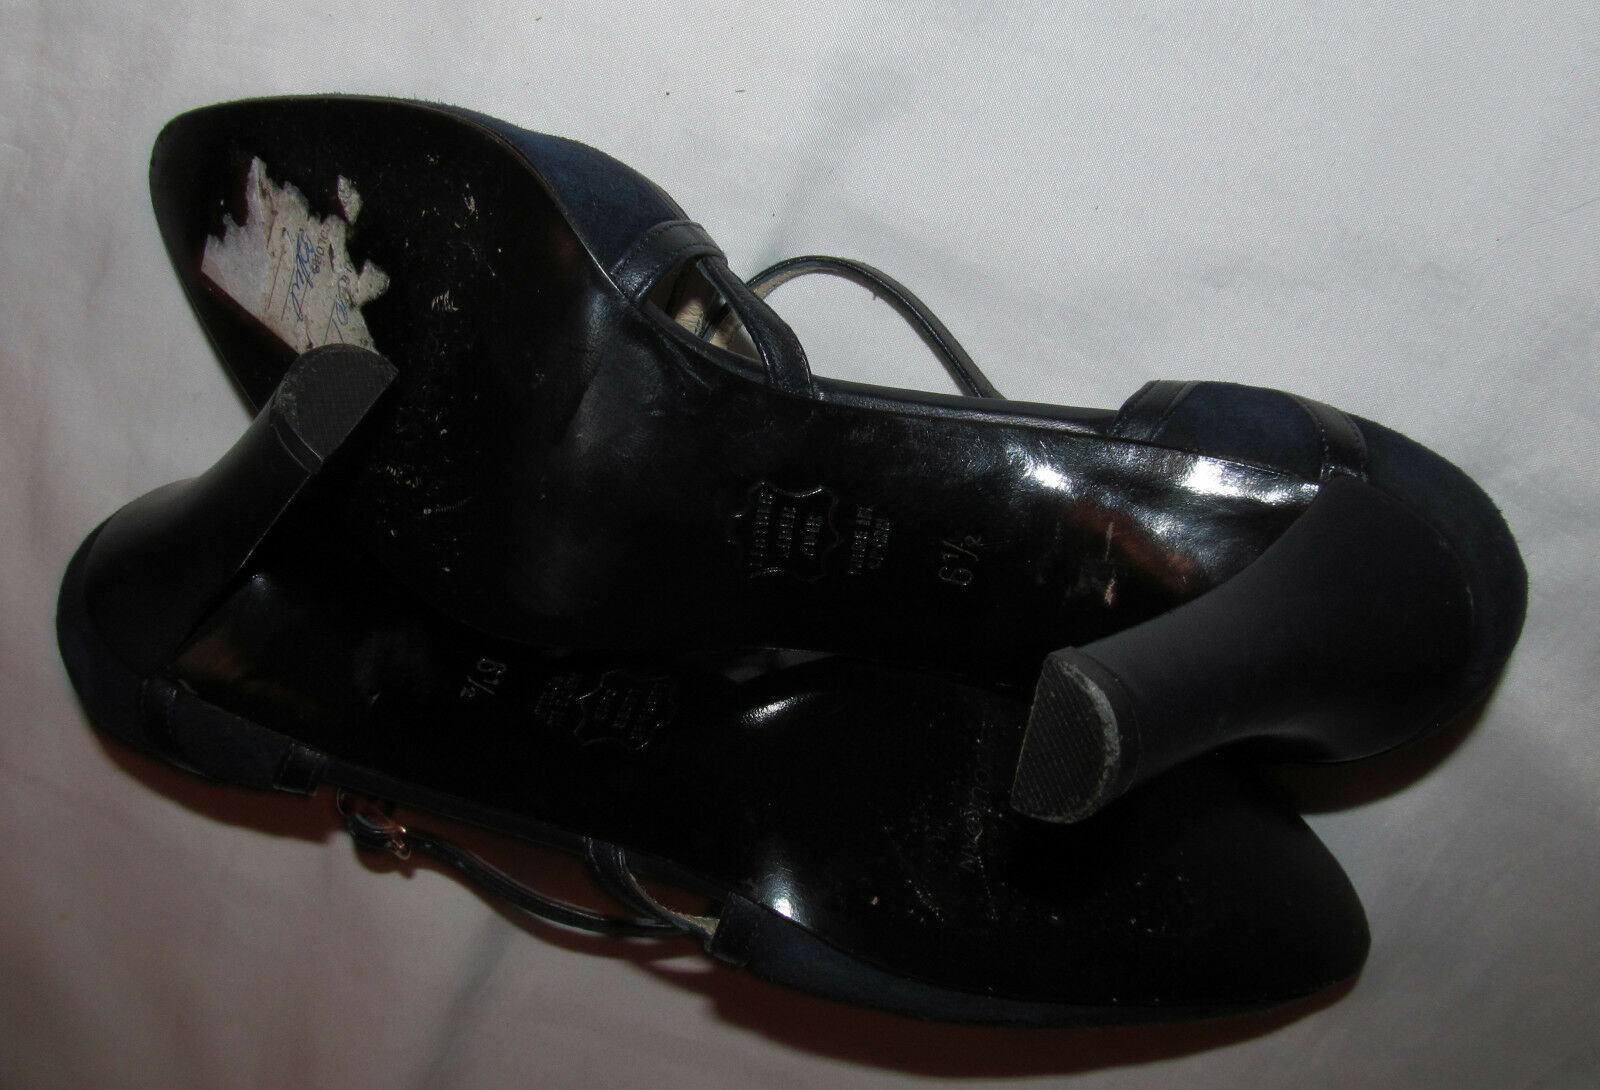 CHARLES JOURDAN dark navyl bluee suede X X X strap heel shoes 6.5 m worn once 37c5a1